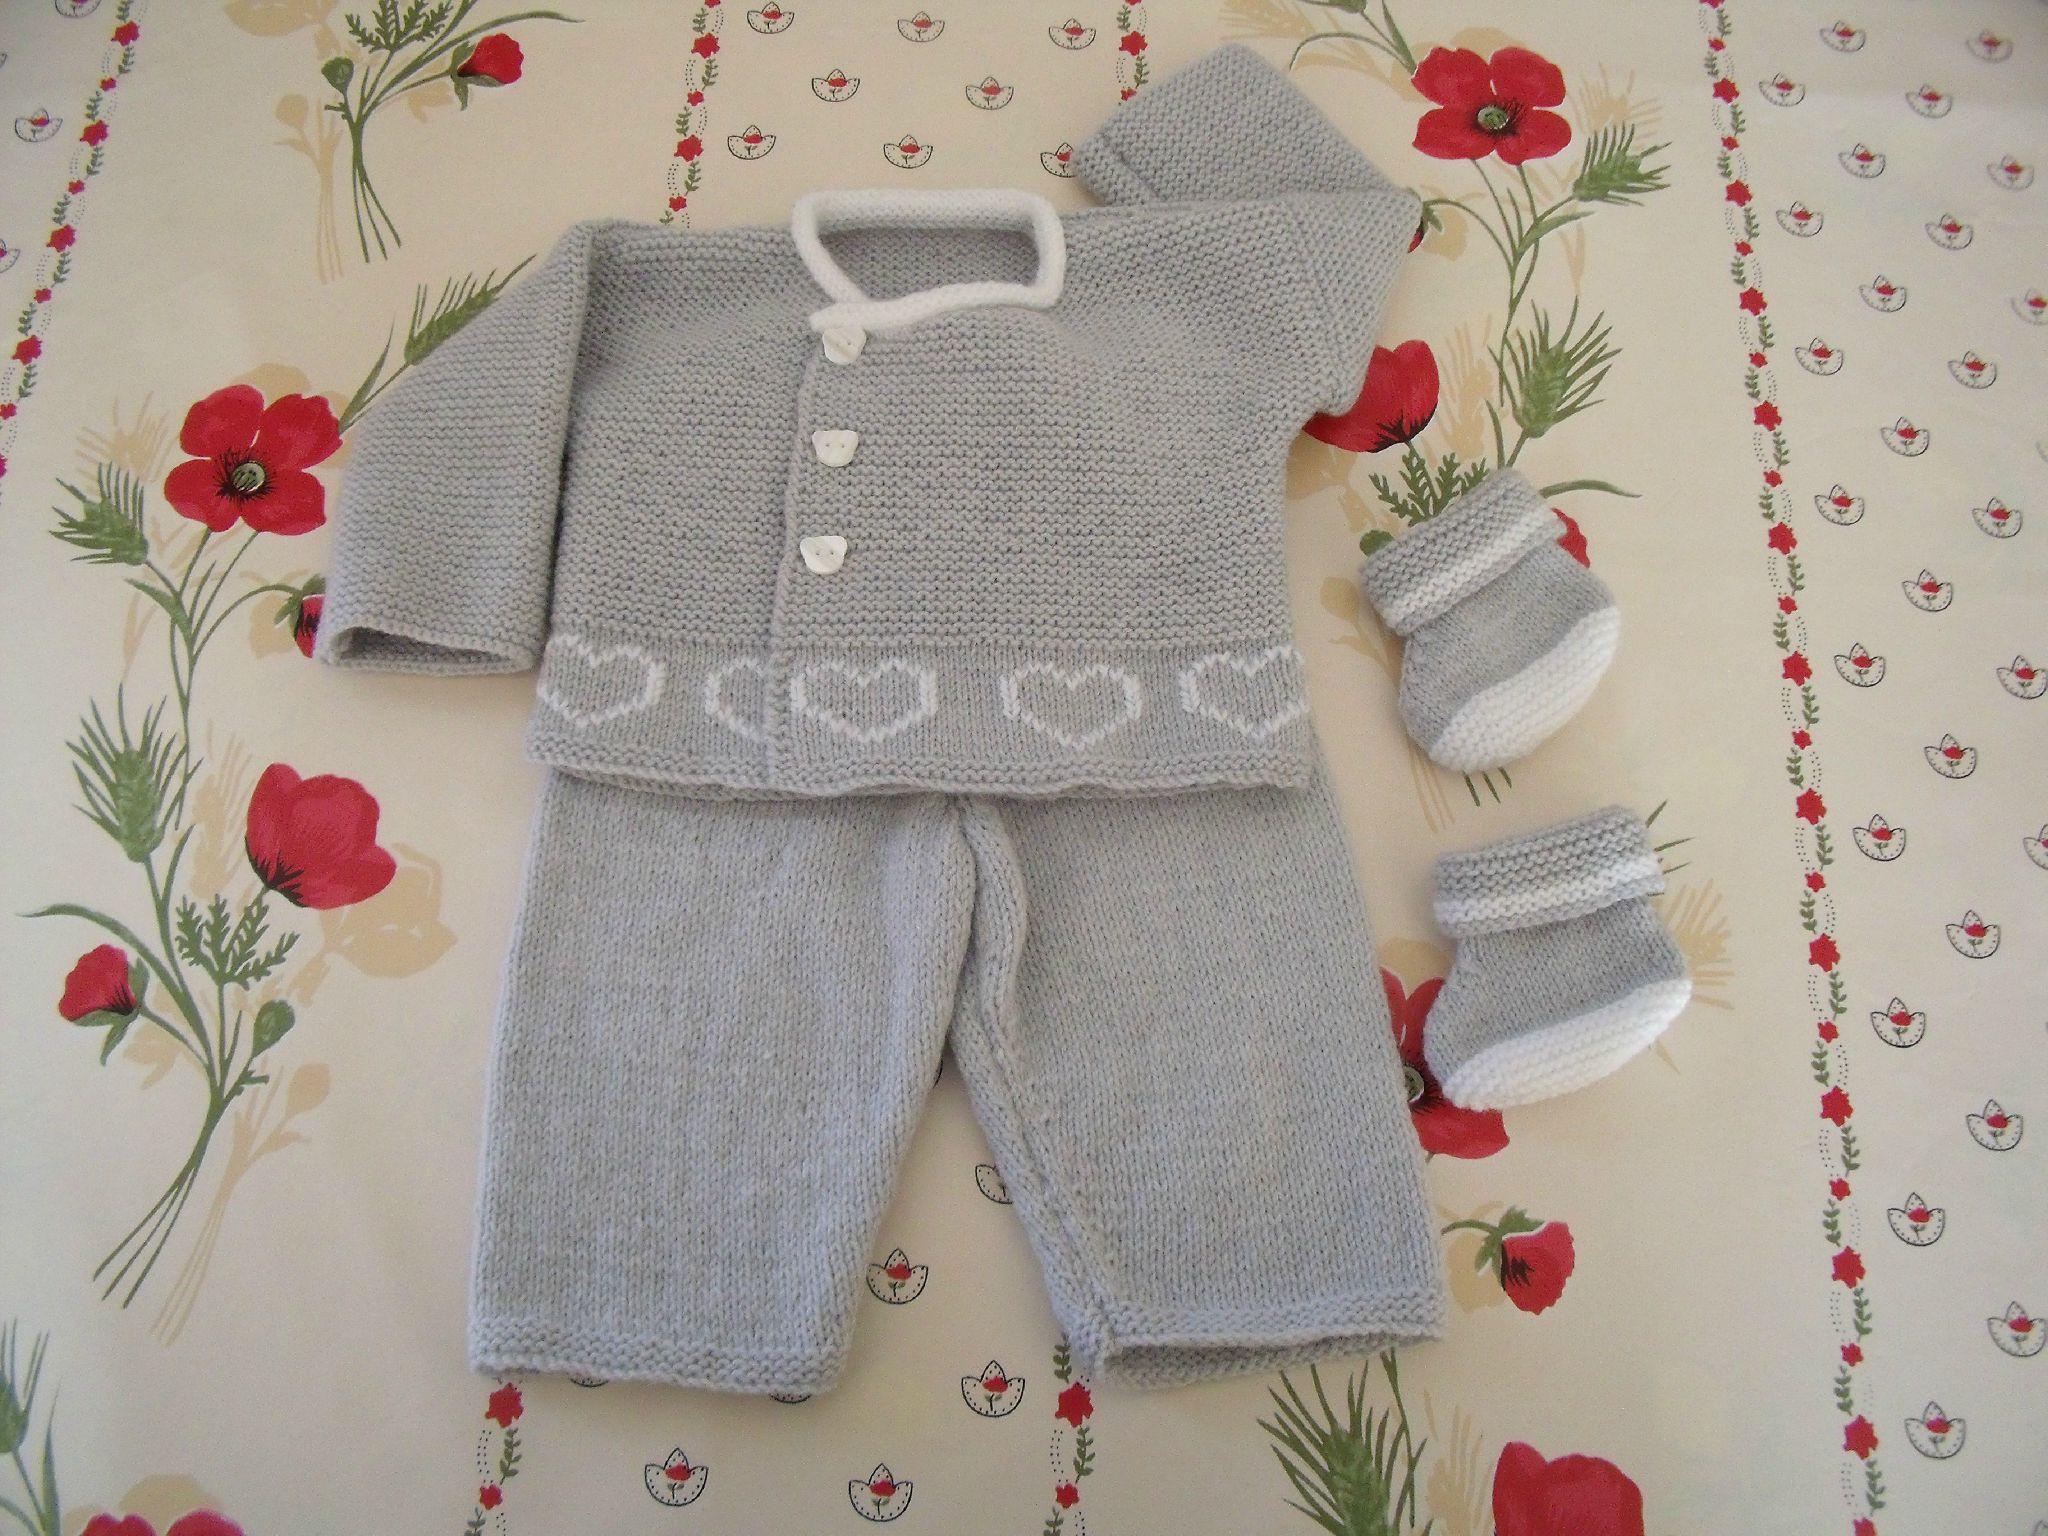 Brassière bébé tricot bergere de france